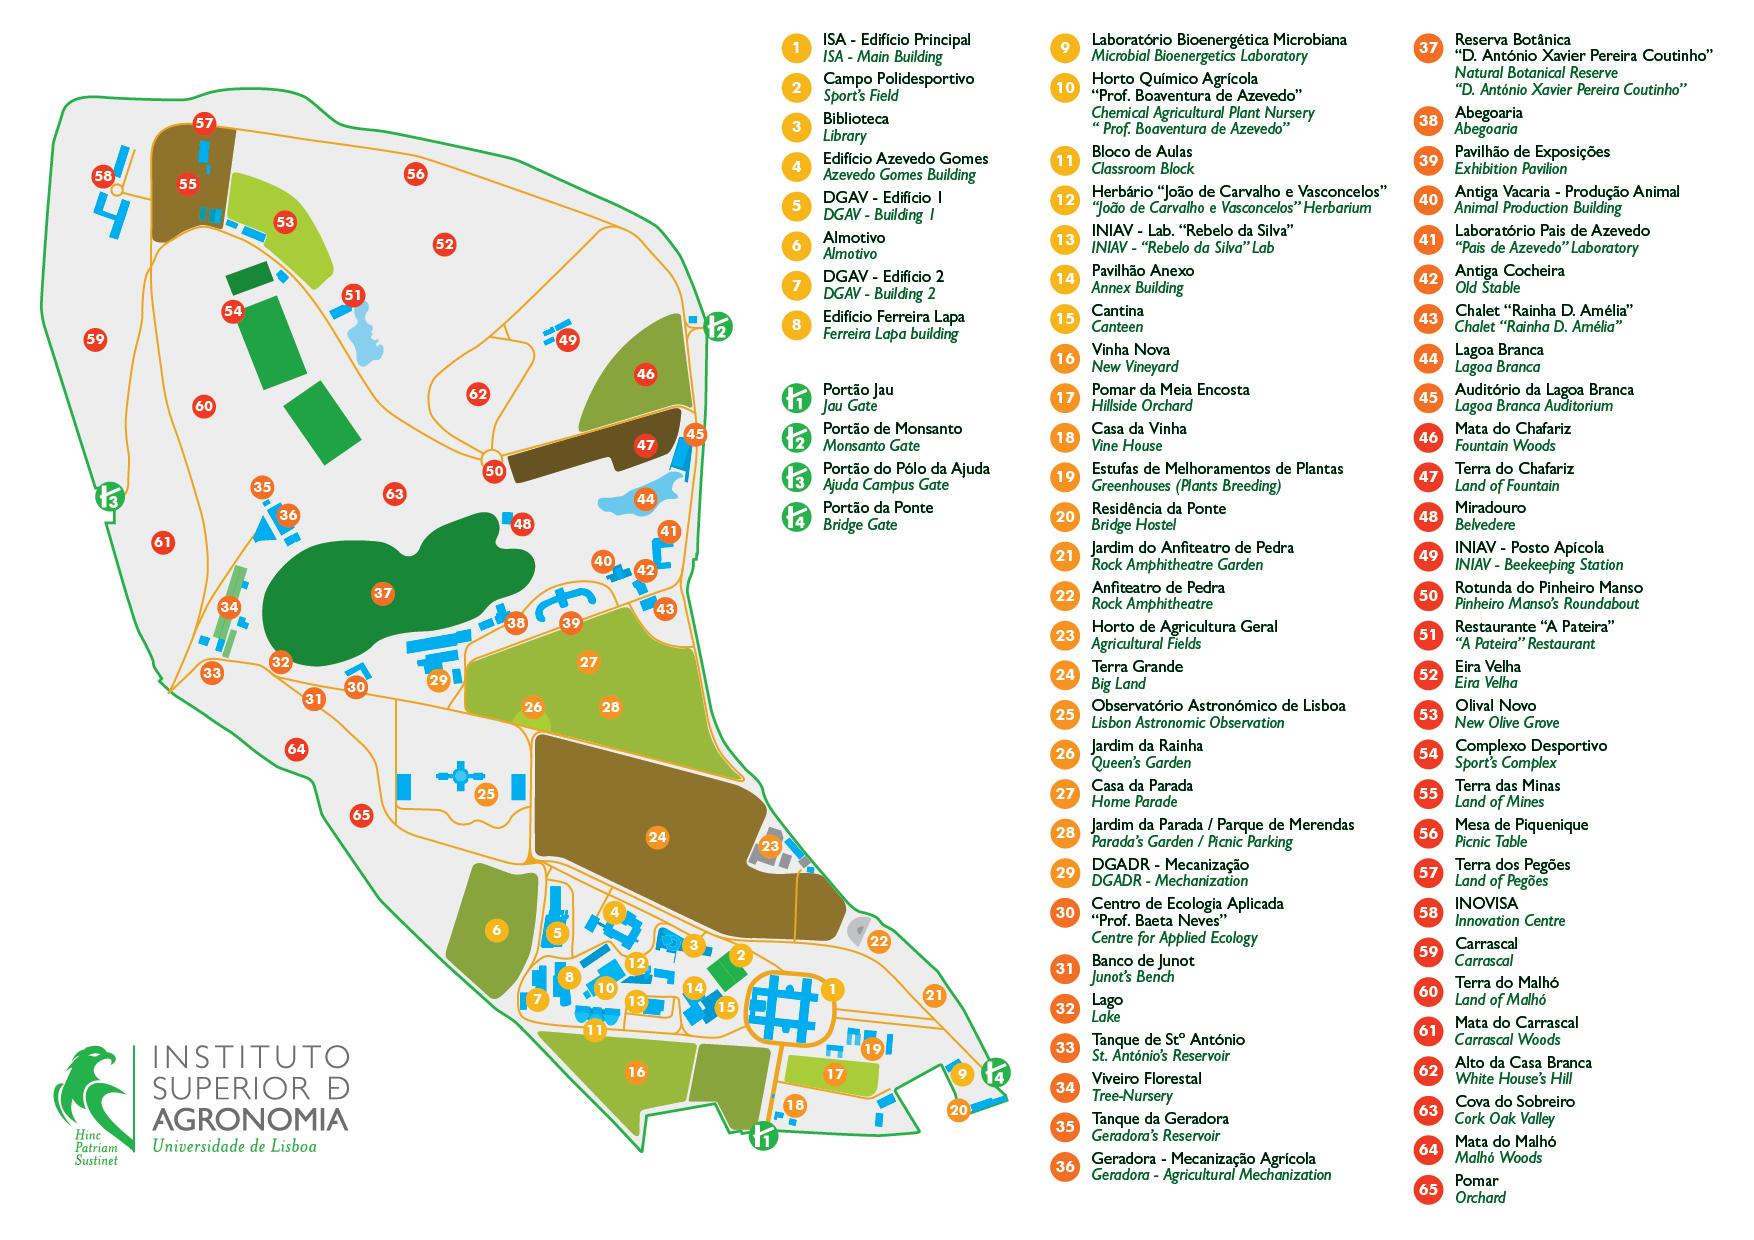 universidade tecnica de lisboa mapa Localização | Instituto Superior de Agronomia universidade tecnica de lisboa mapa